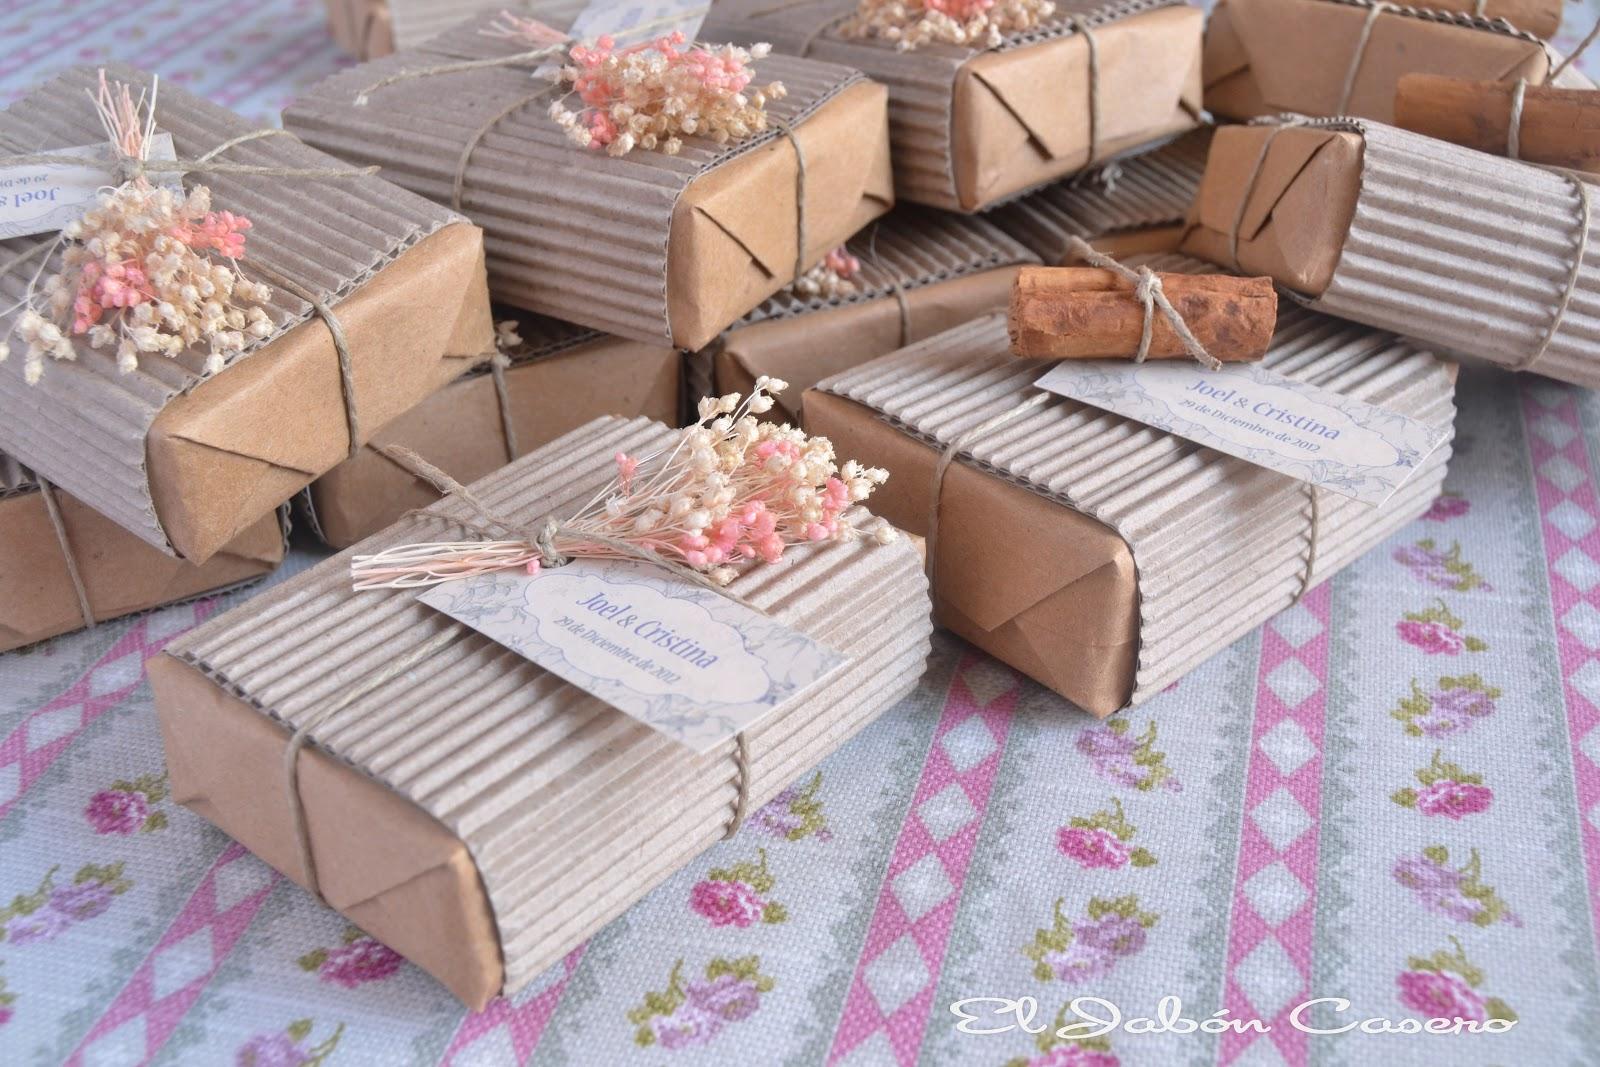 El jab n casero detalles de boda para ellas y ellos - Detalles decoracion boda ...